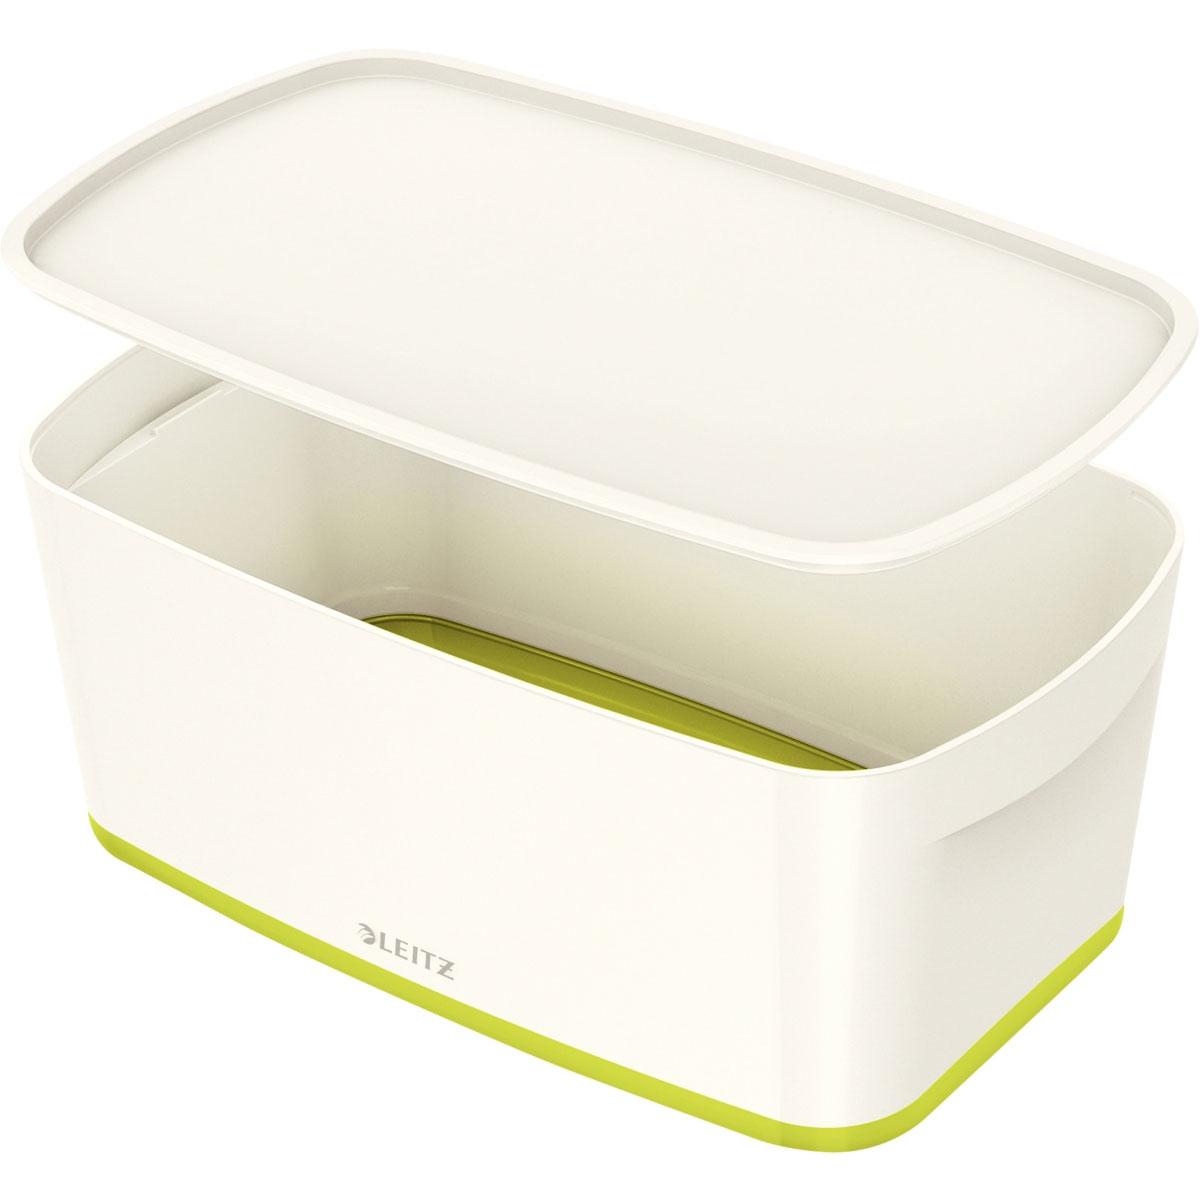 bac de rangement leitz mybox esselte petit format avec couvercle vert achat pas cher. Black Bedroom Furniture Sets. Home Design Ideas